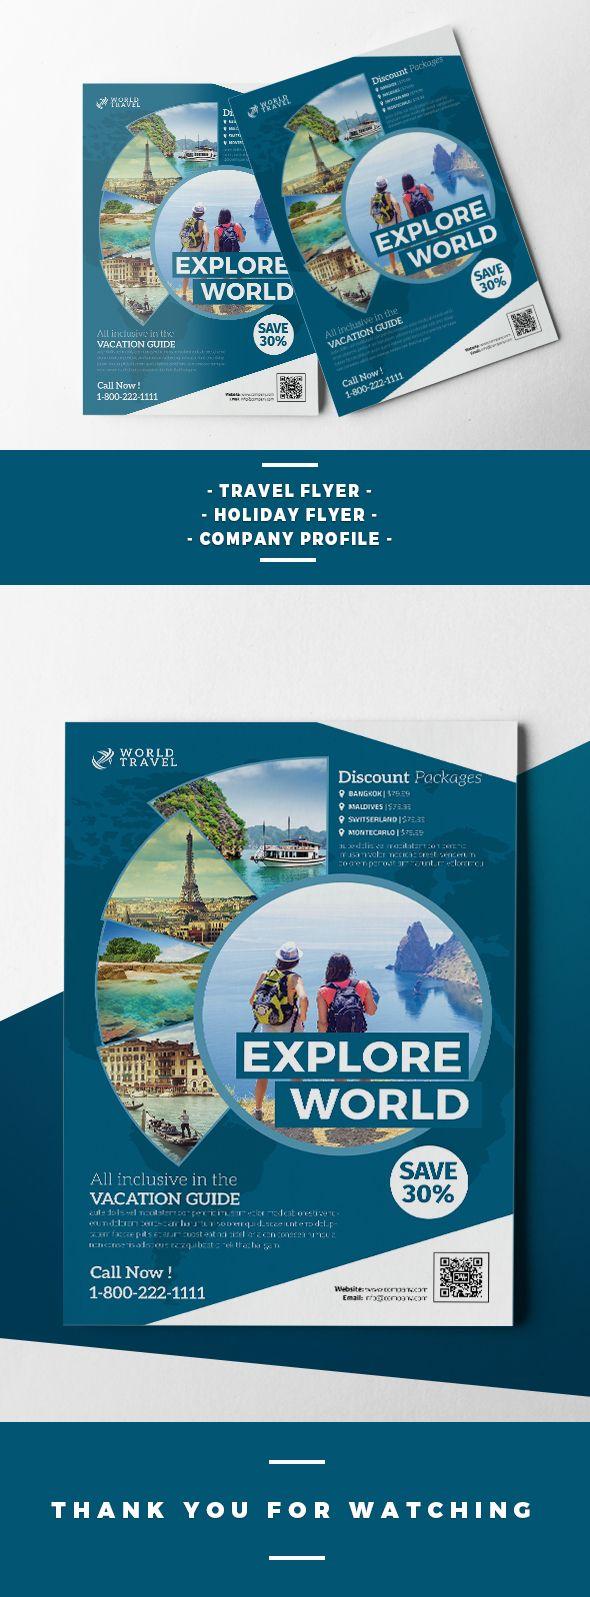 https://www.behance.net/gallery/41711425/Travel-Flyer